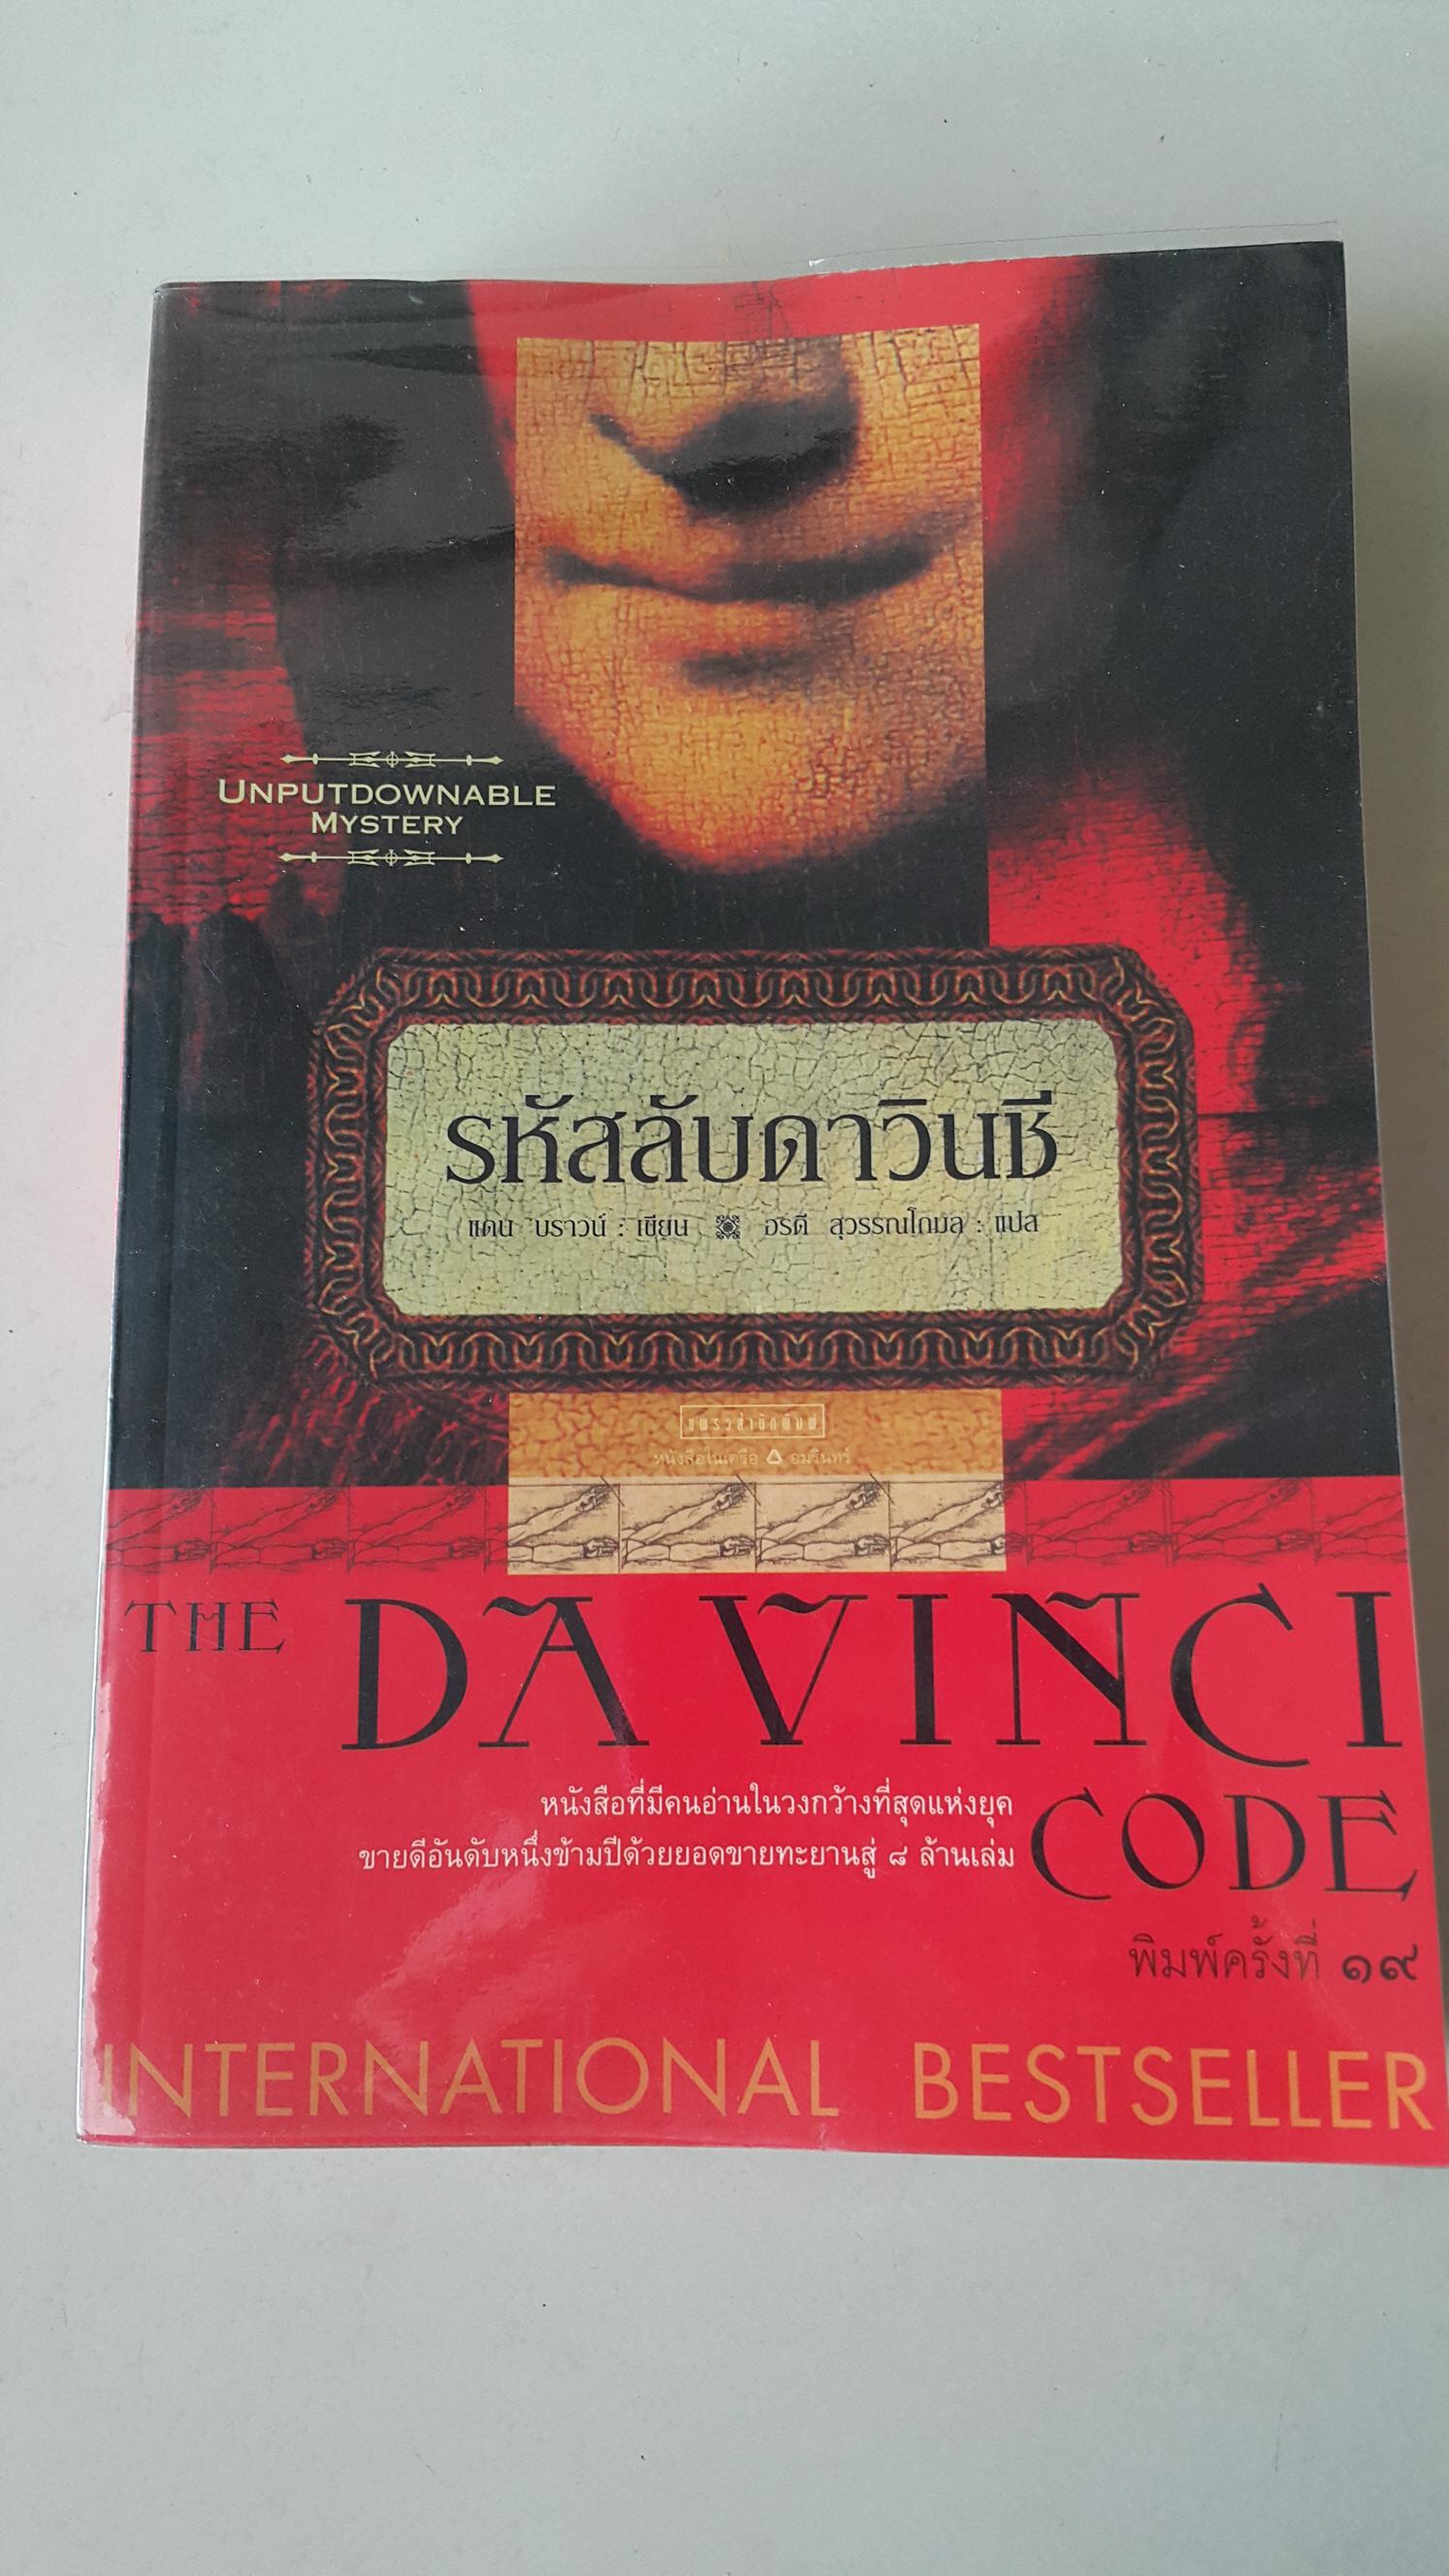 รหัสลับดาวินชี - แดน บราวน์